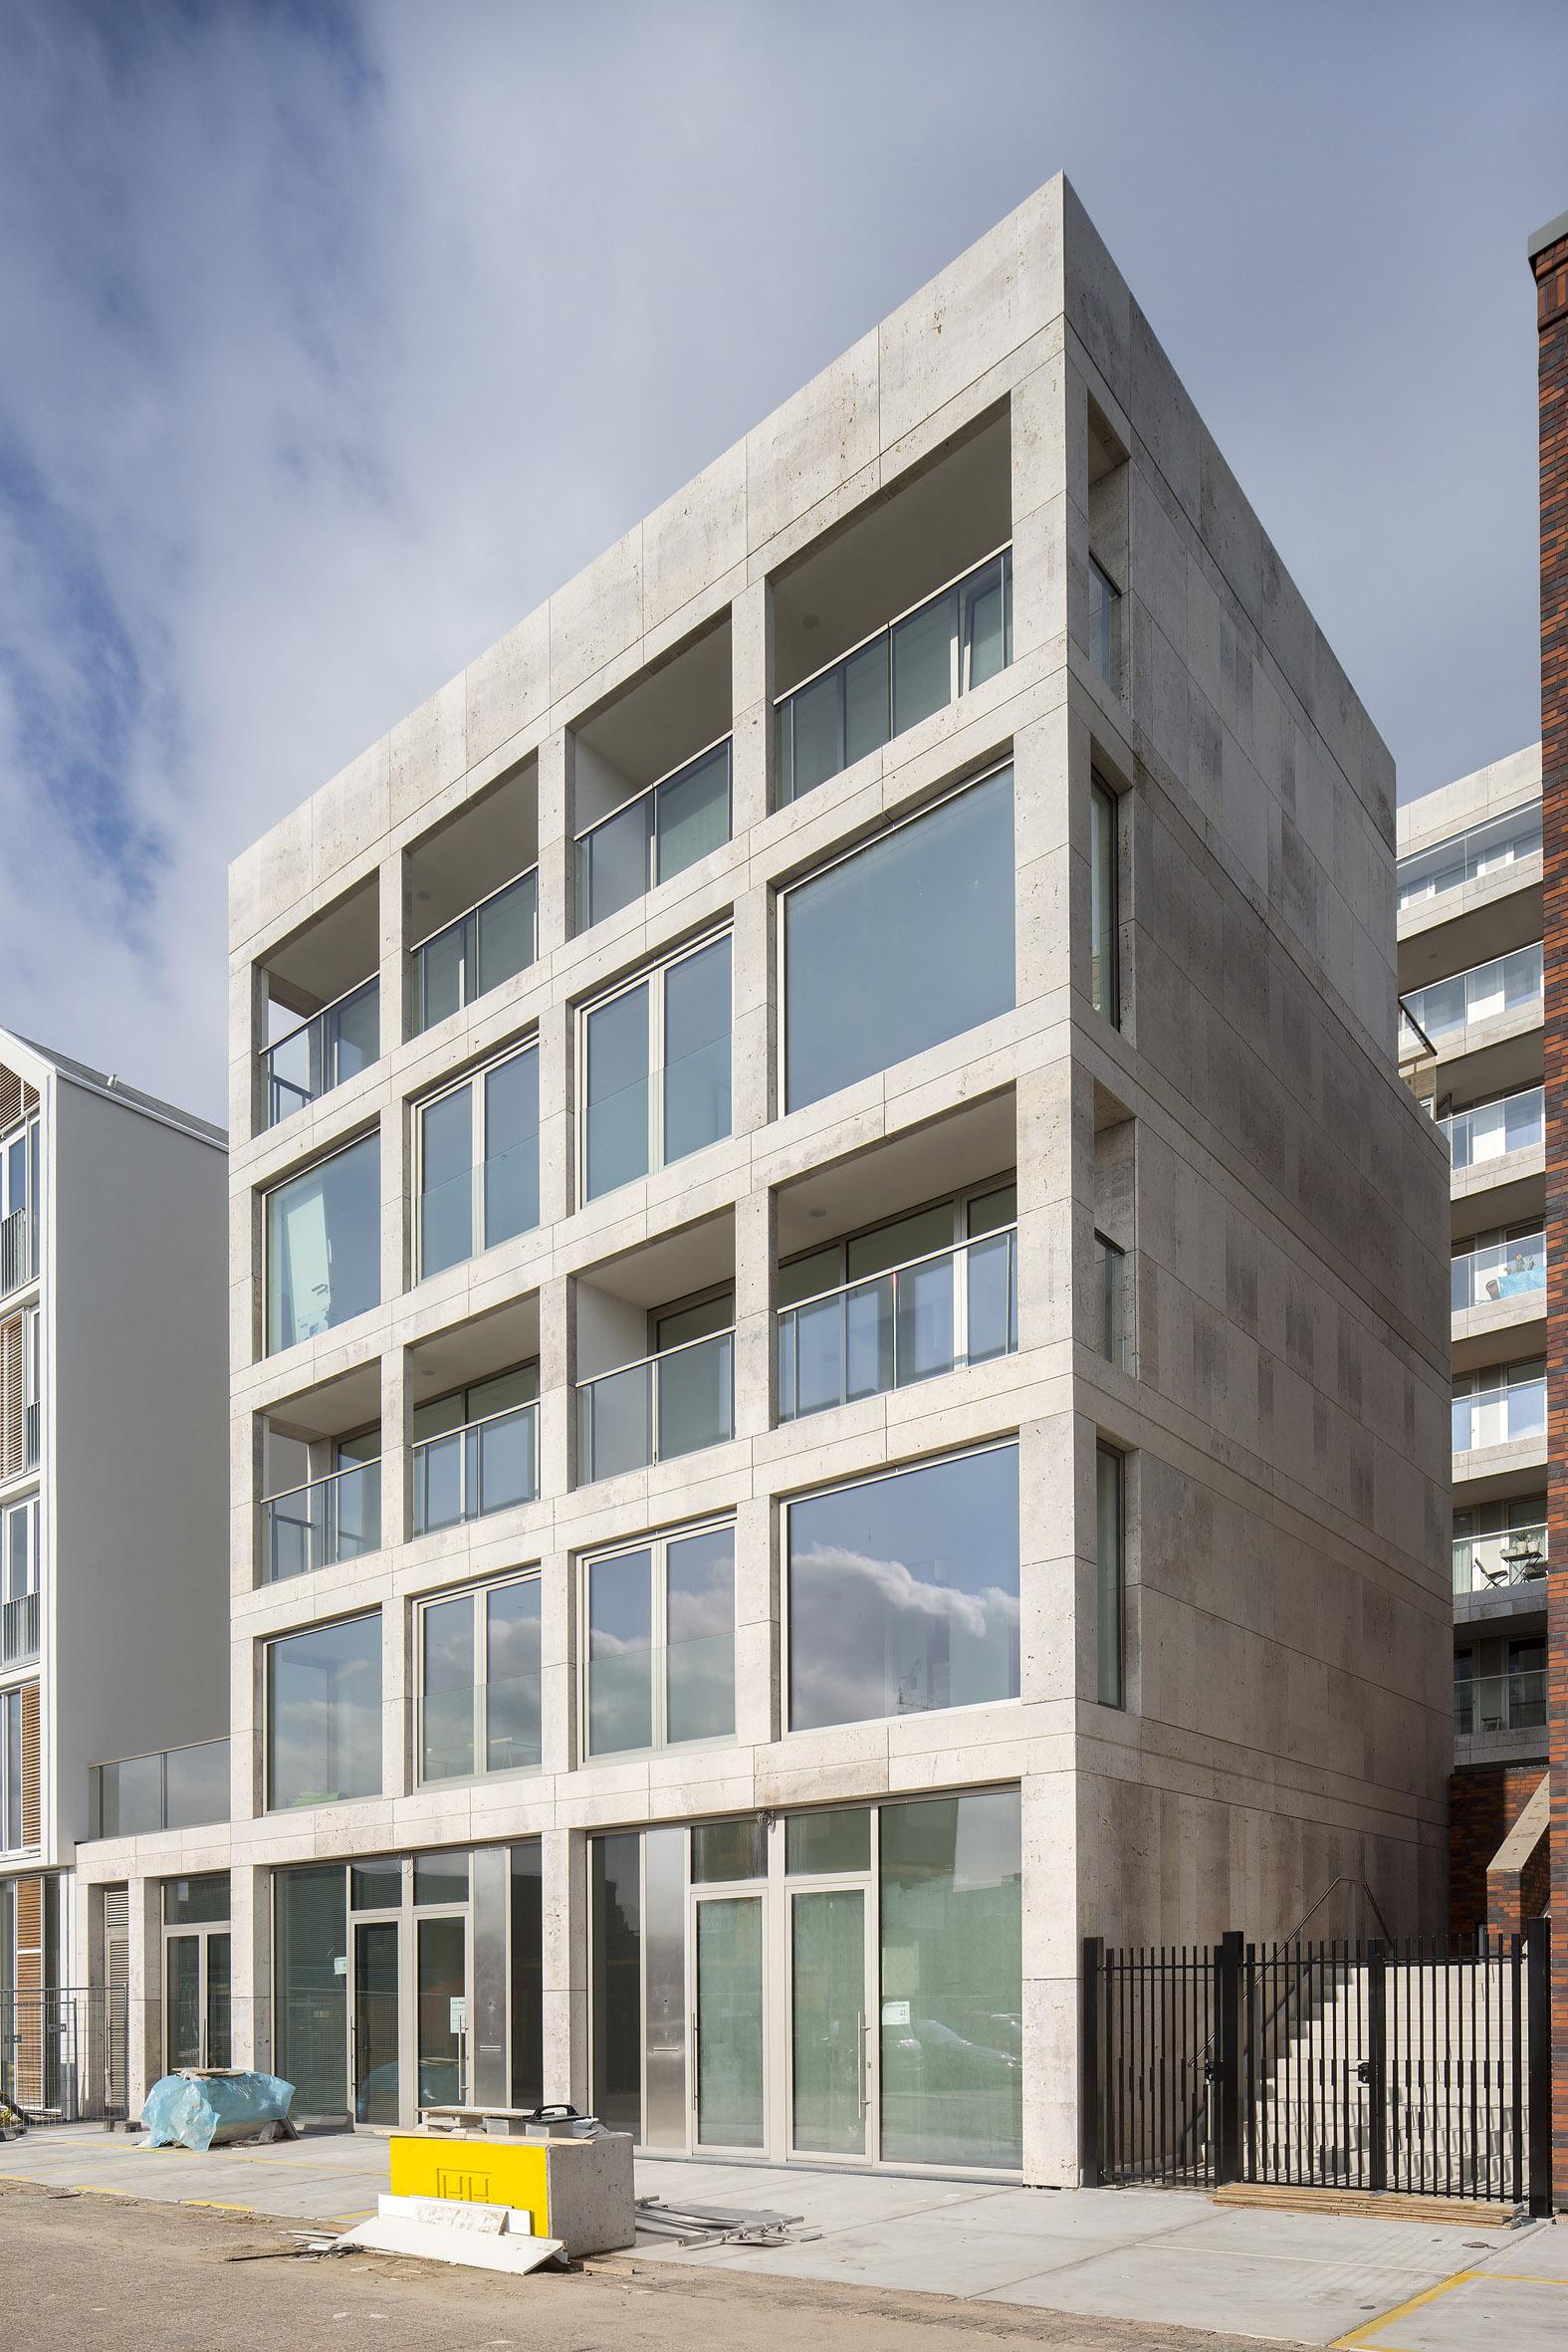 Atelier PUUUR BLOK herenhuis kadewoning BLOK0 Houthaven Amsterdam CO zelfbouw